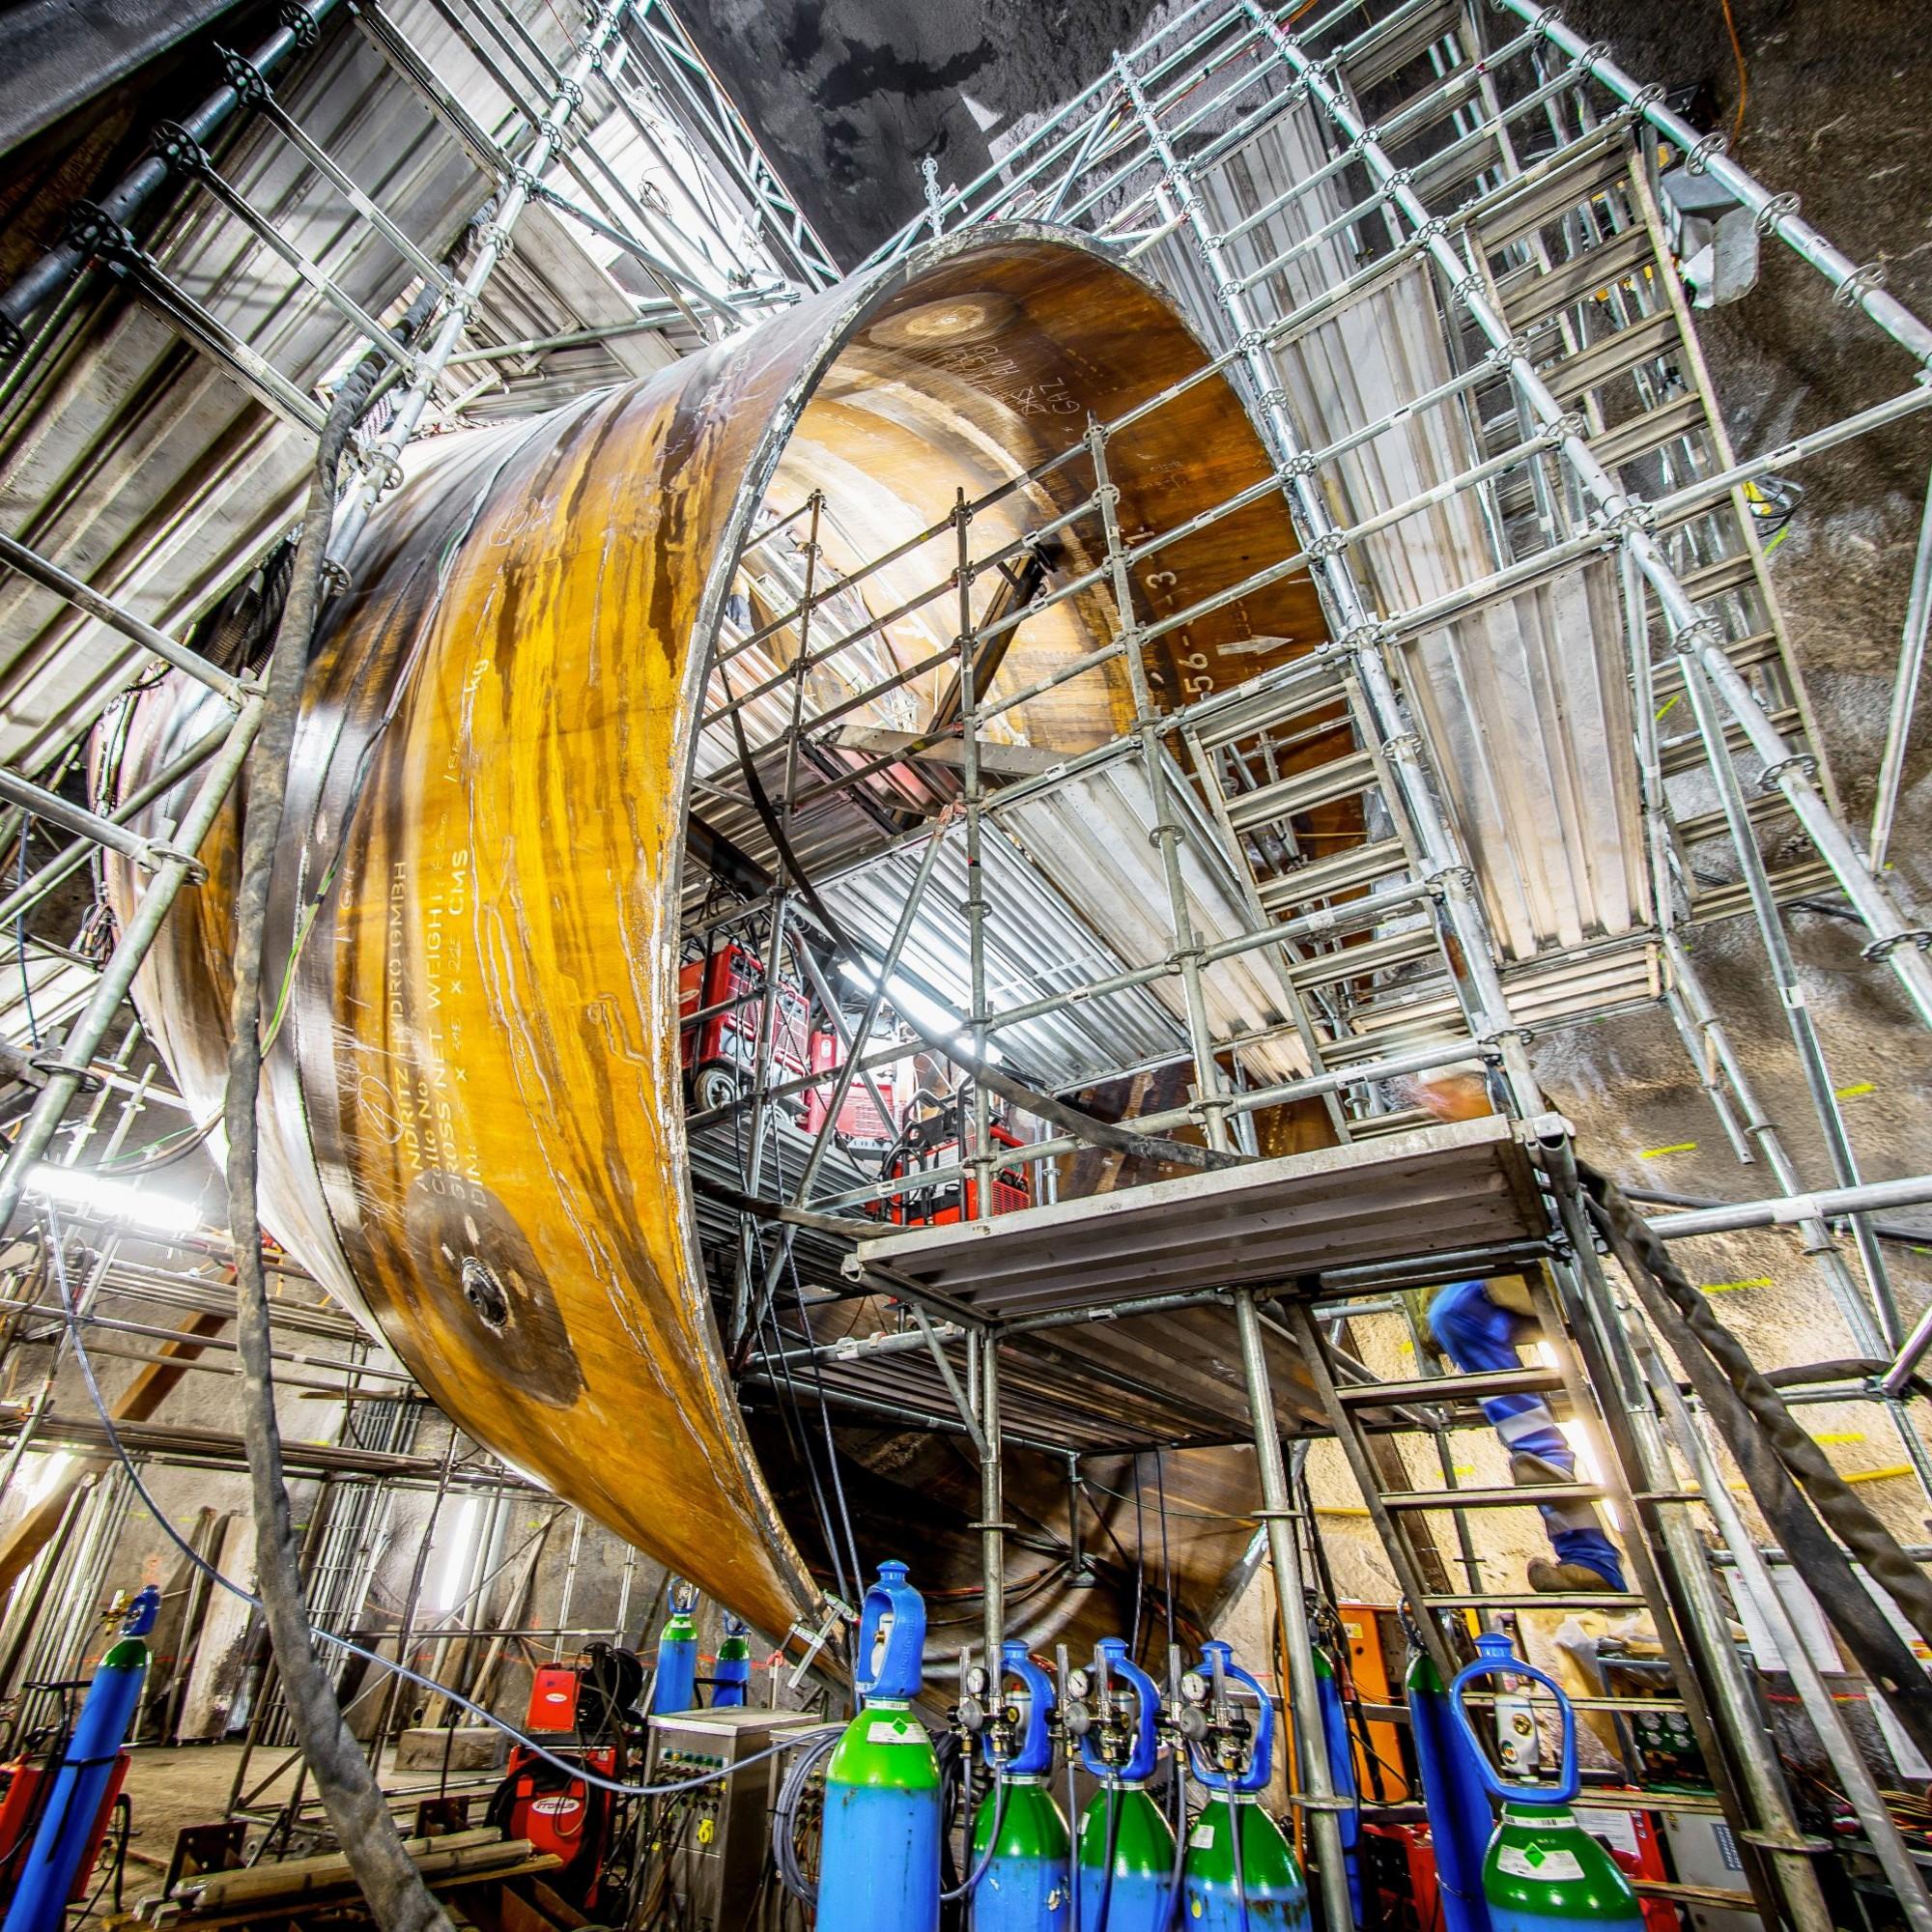 Die Wasserkraft spielt für den Kanton Wallis eine zentrale Rolle in der Energiestrategie. Die zwei 425 Meter hohen Vertikalschächte des Pumpspeicherkraftwerks Nant de Drance (Bild) werden im Verlaufe des Jahres 2019 erstmals mit Wasser gefüllt. Mit dem Au